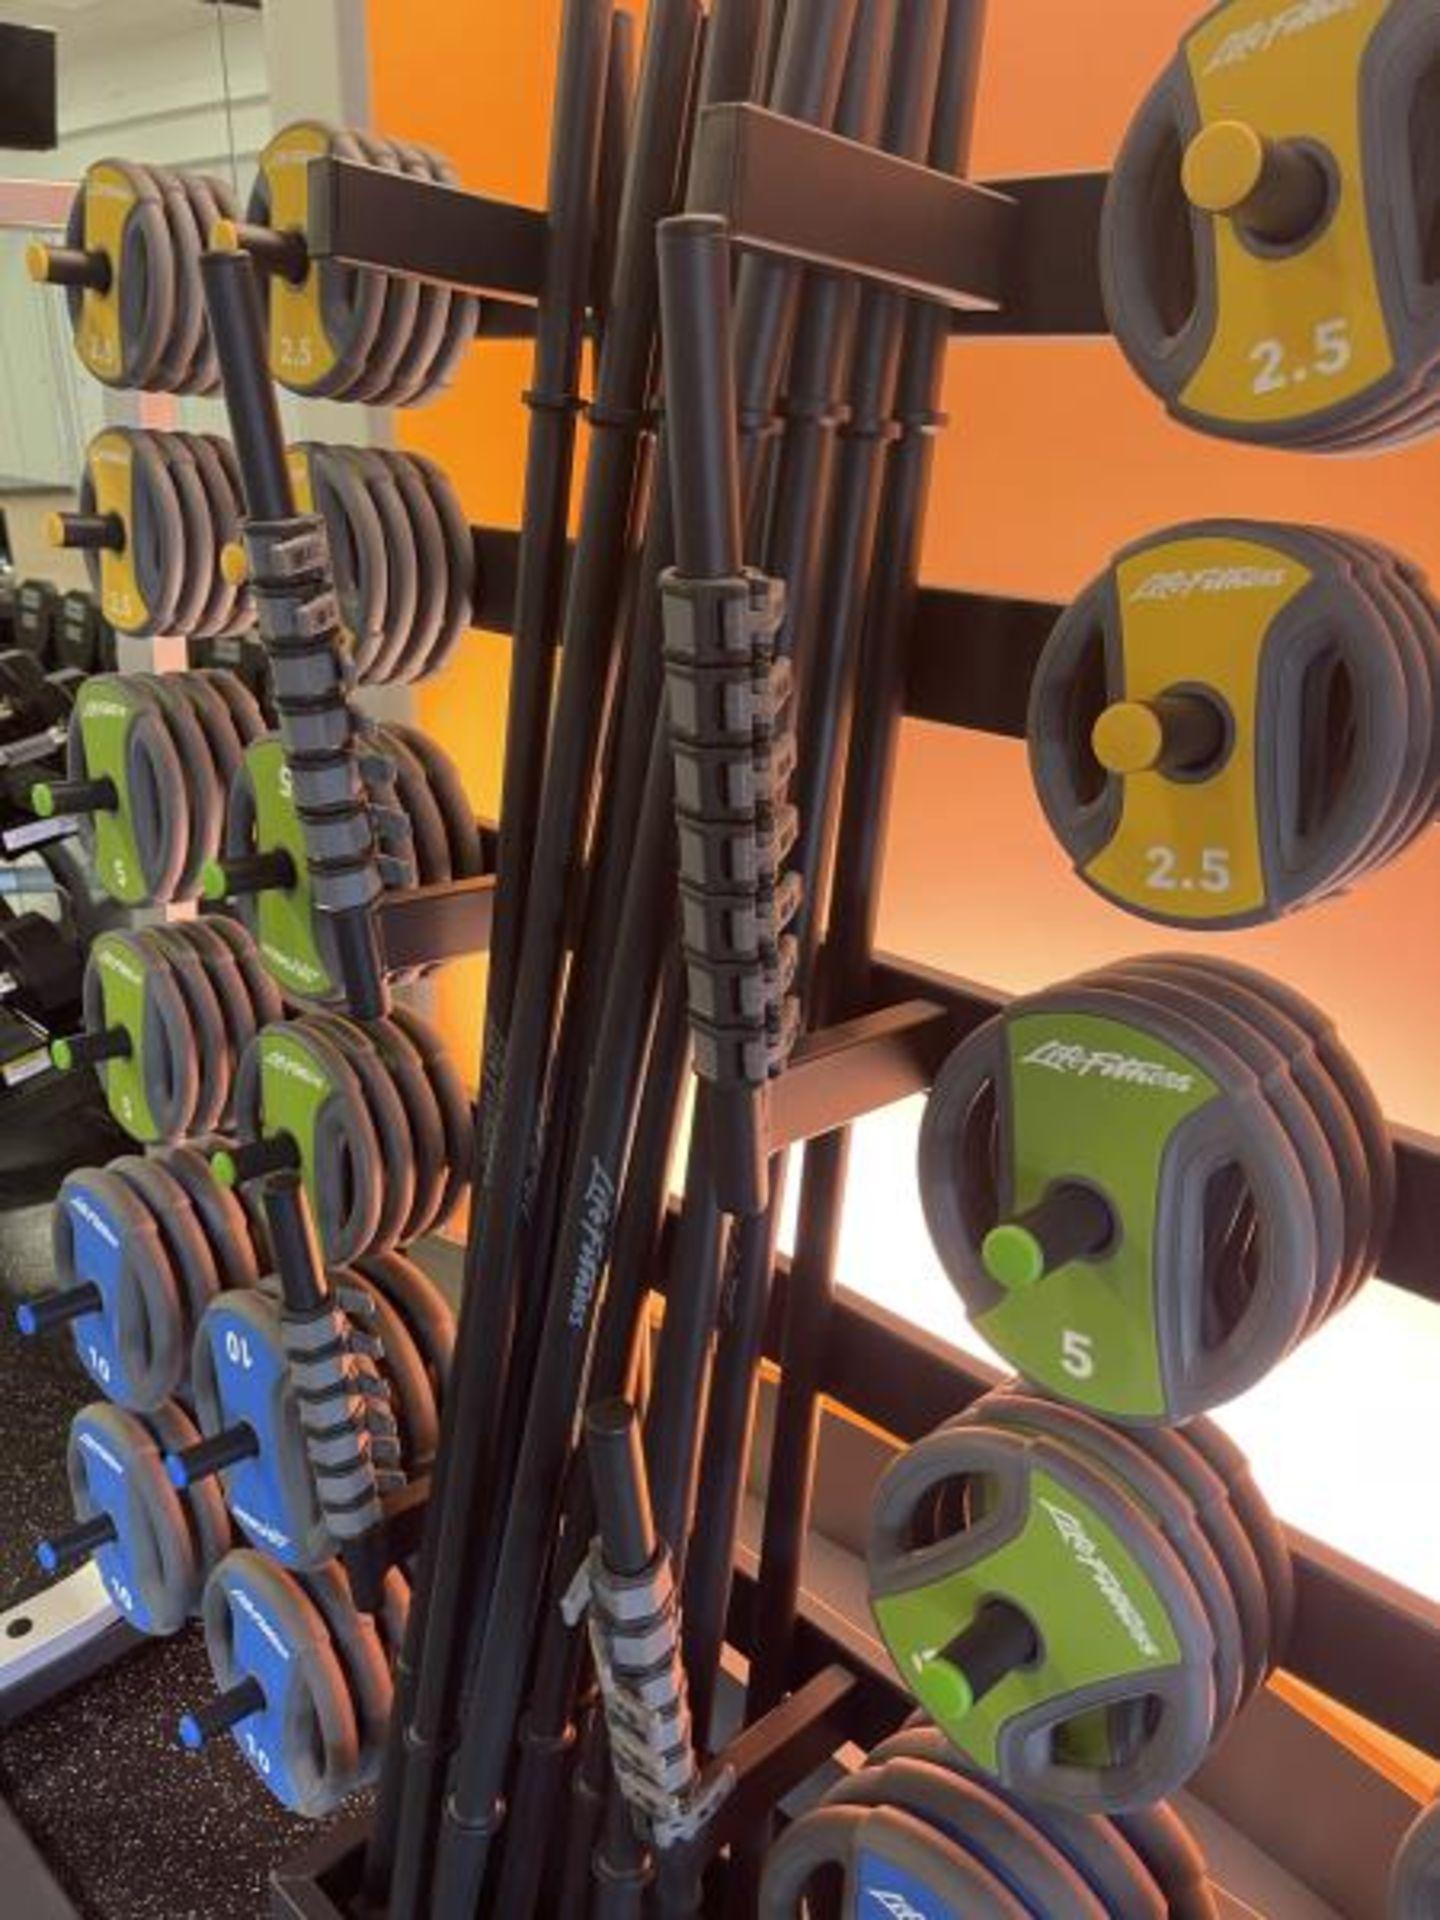 Life Fitness Studio Barbell Pack Urethane 2.5#, 5#, 10#, 13 Bars, Rack Model GBB - Image 7 of 9